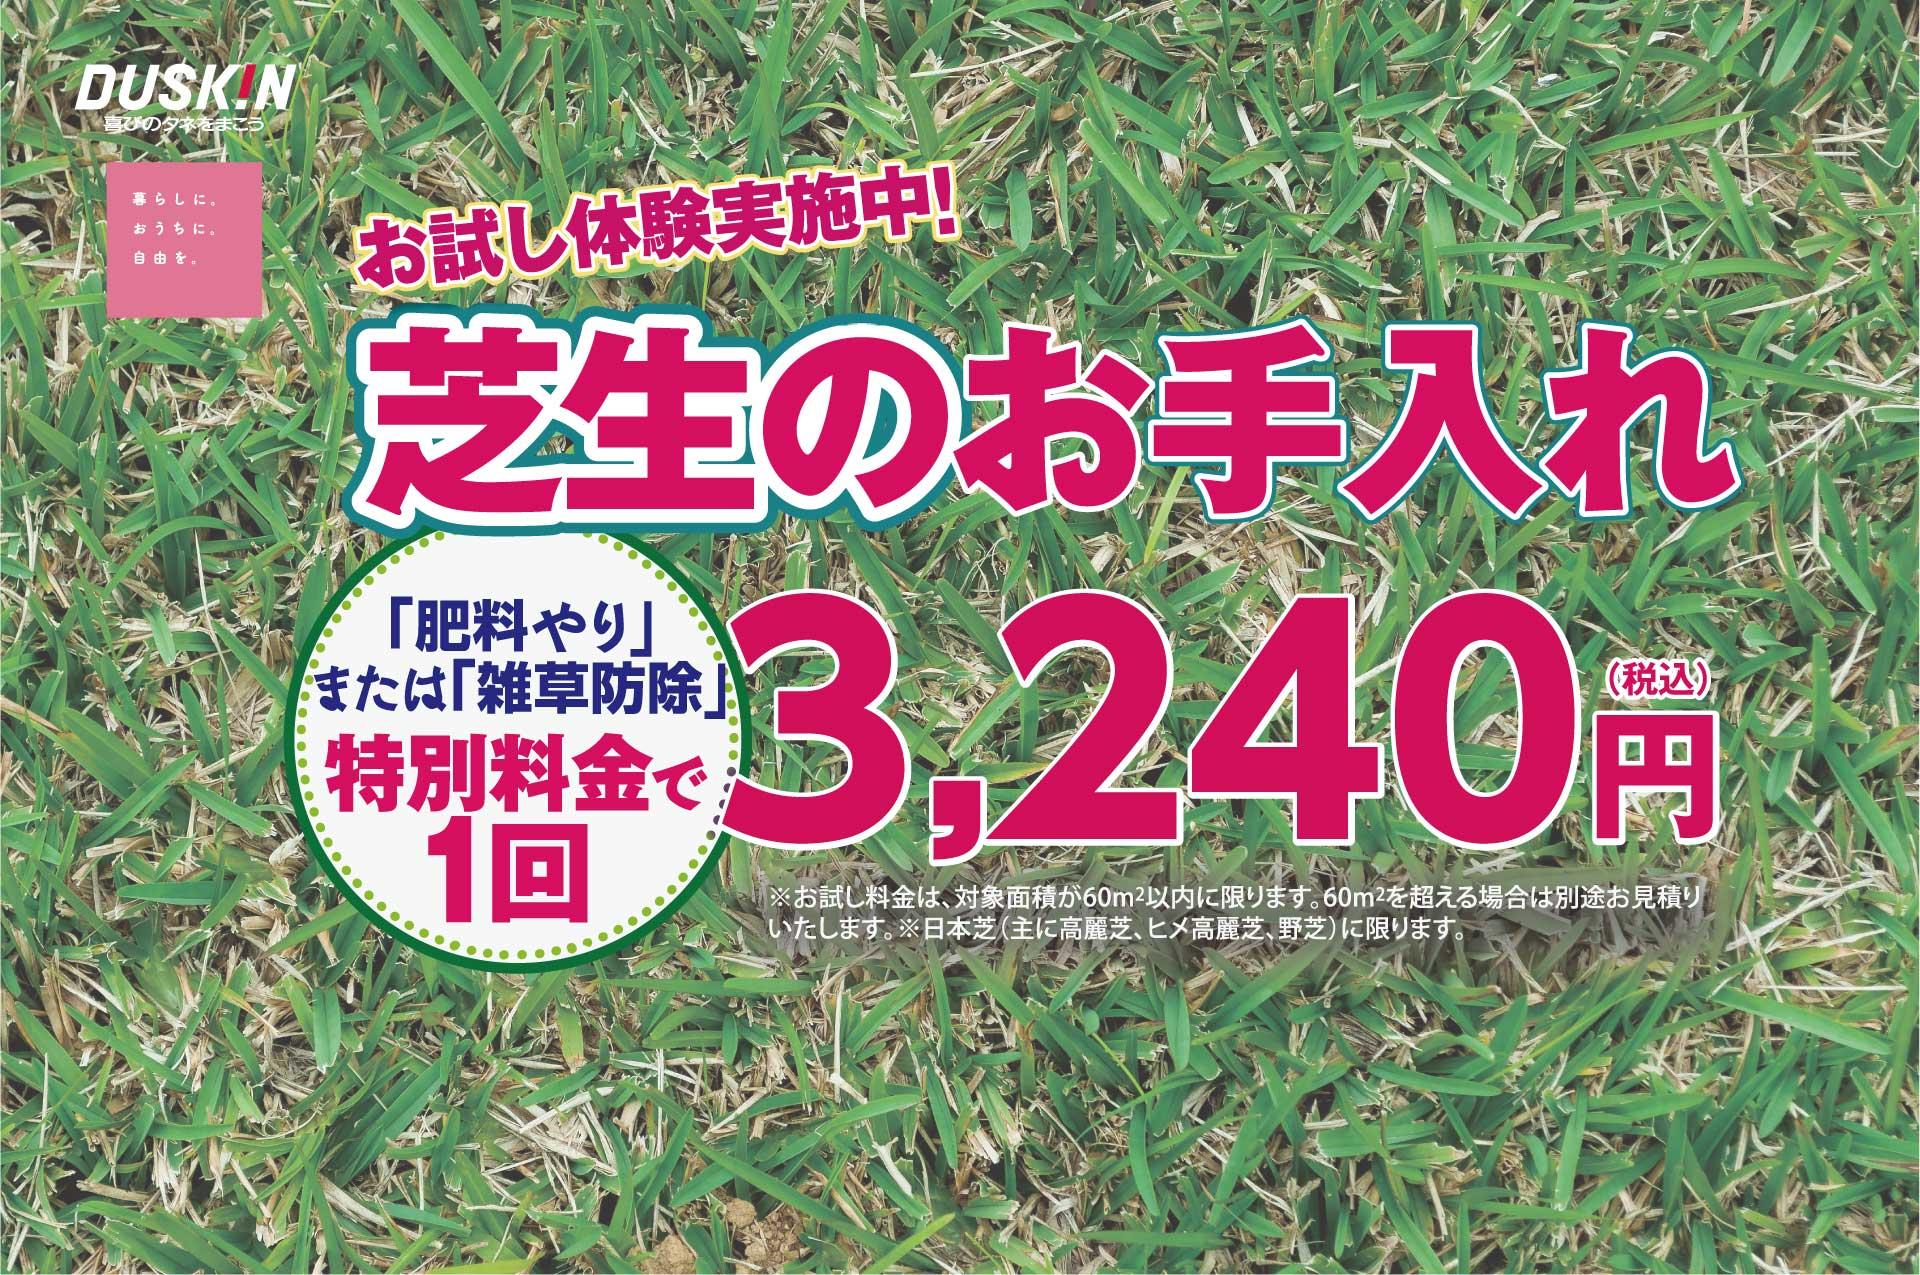 芝生のお手入れサービスは、ダスキン高畑トータルグリーンへ 名古屋市全域対応します。